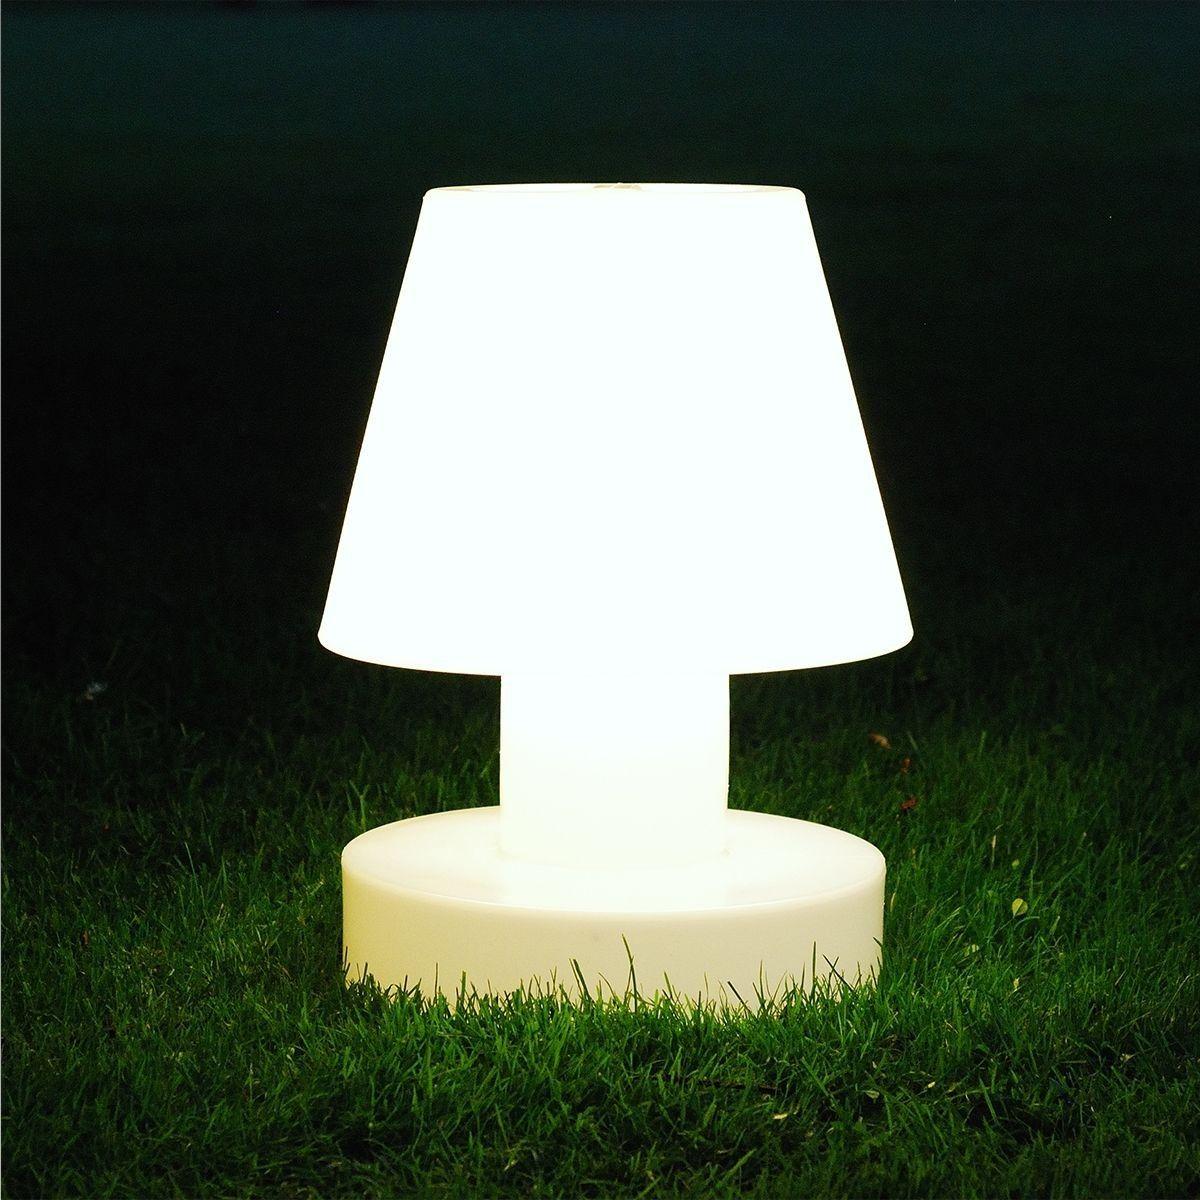 Lampe Portable 40 Cm Sans Fil Taille Taille Unique Lampes De Table Lampe Exterieur Lamp